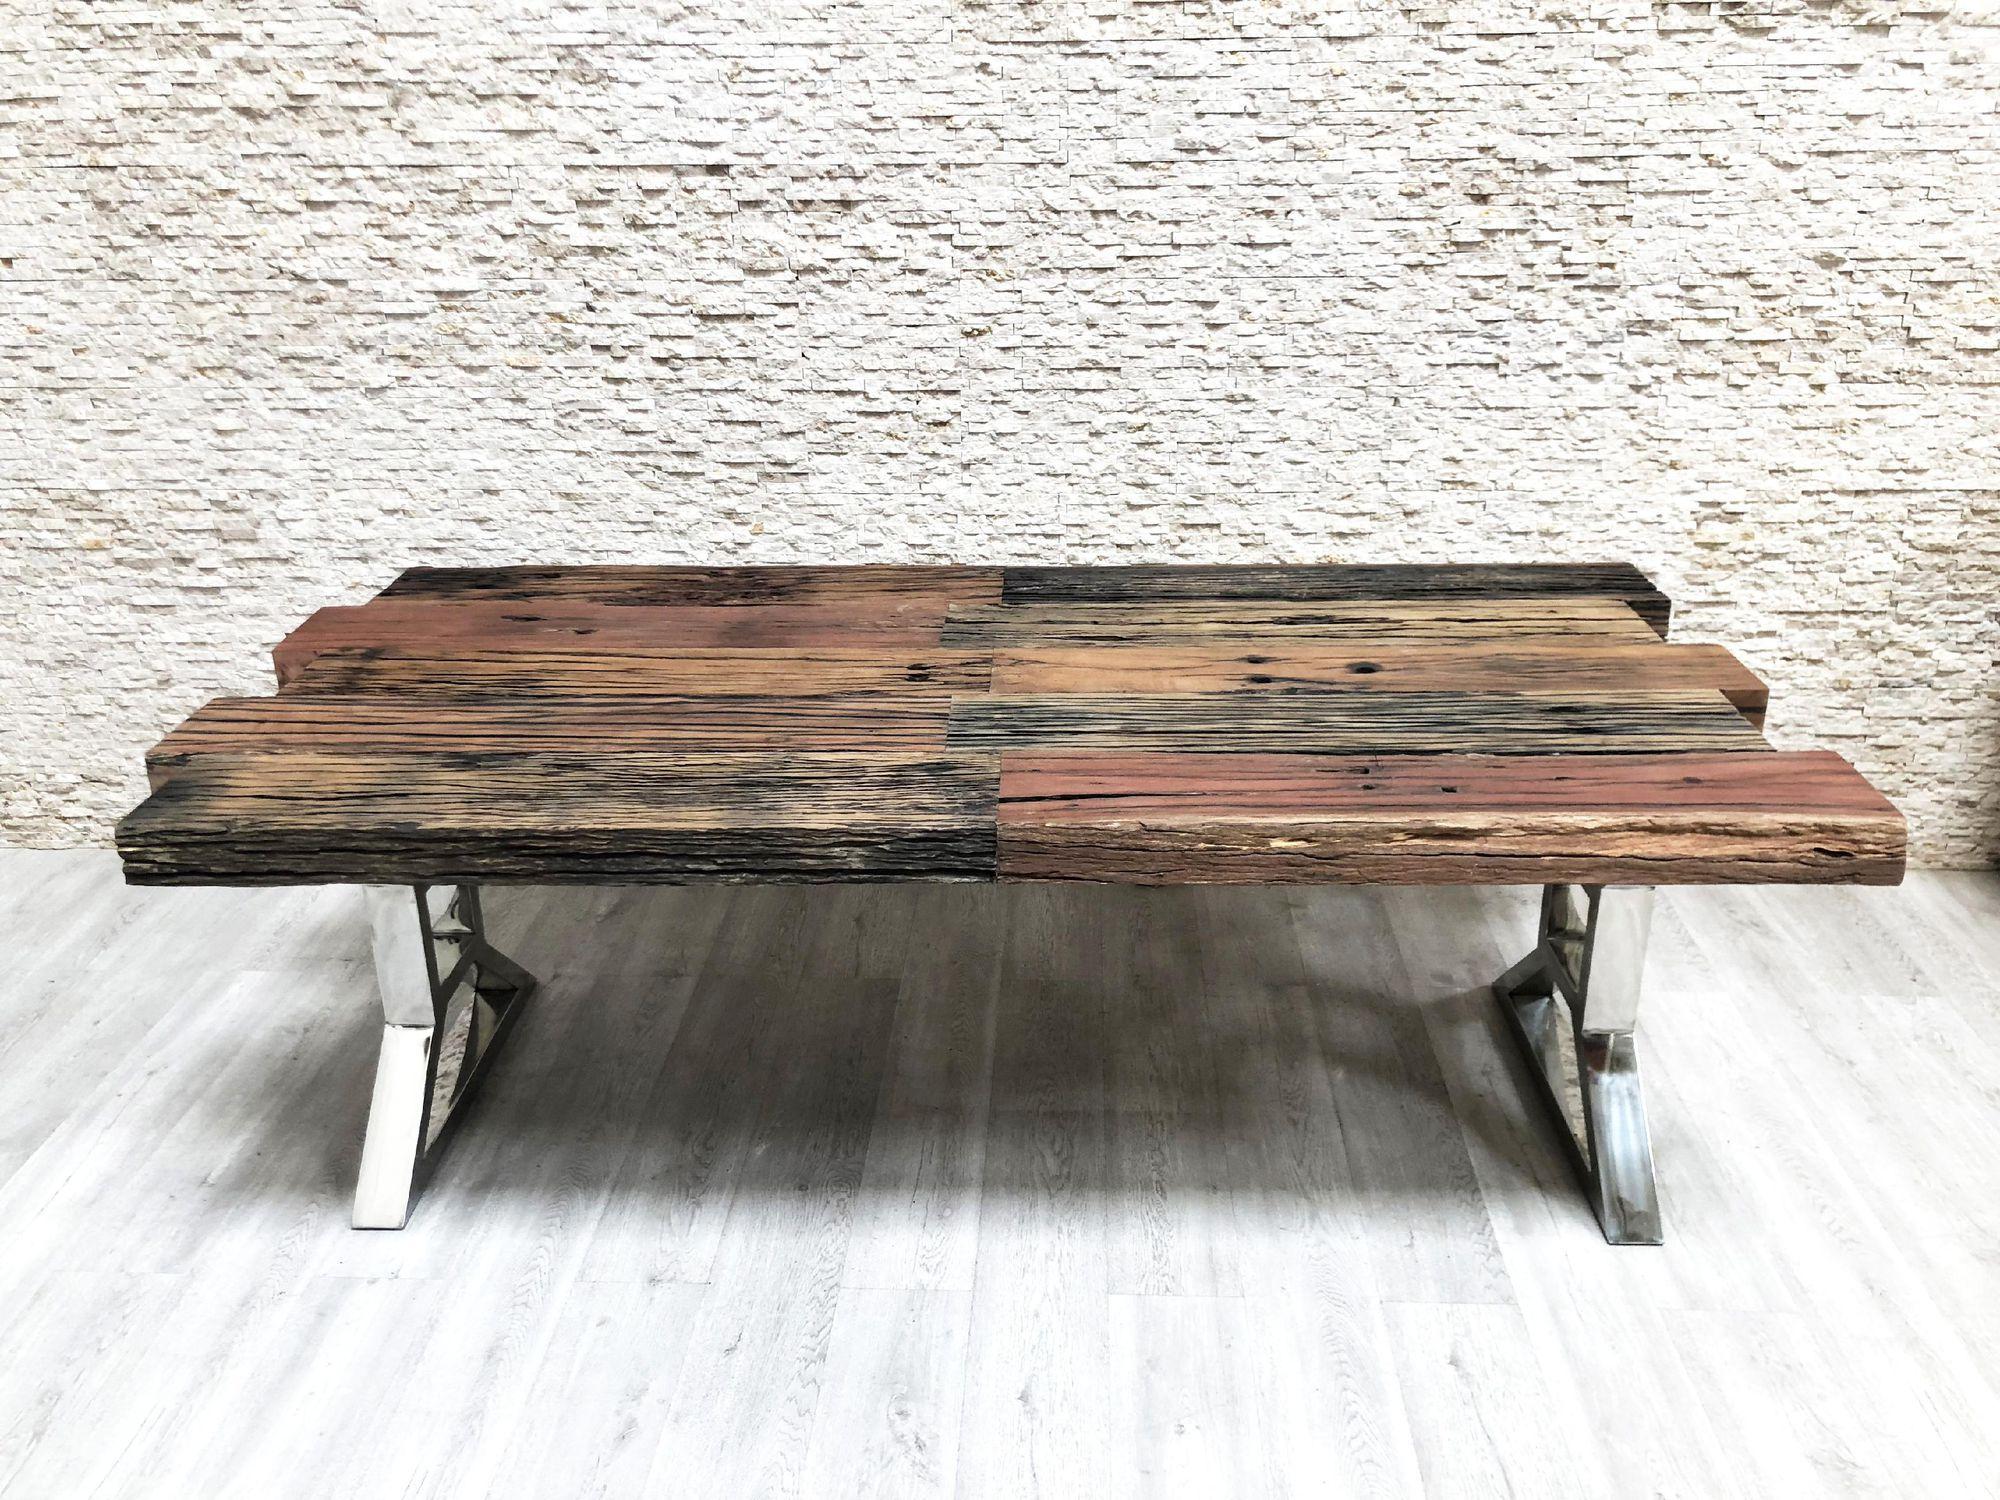 Table À Manger Industrielle table à manger de style industriel / en bois massif / avec piètement en  métal / rectangulaire